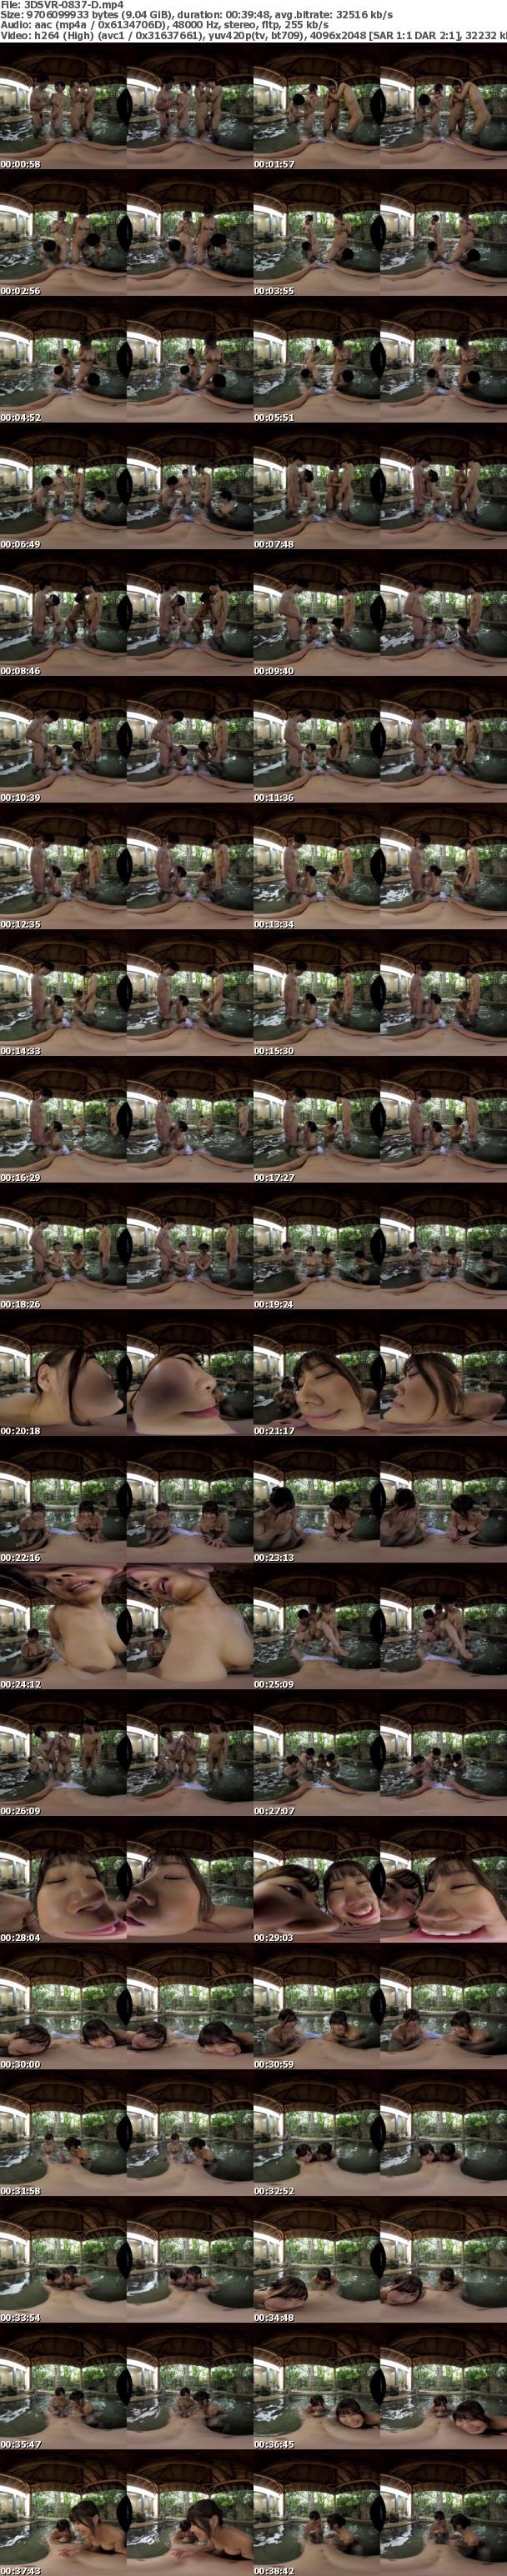 (VR) 3DSVR-0837 温泉に入っていたらまさかの『タオル一枚 男湯入ってみませんか?』の撮影に出くわしてエッチな素人娘さんにヌかれちゃったVR 160分SP